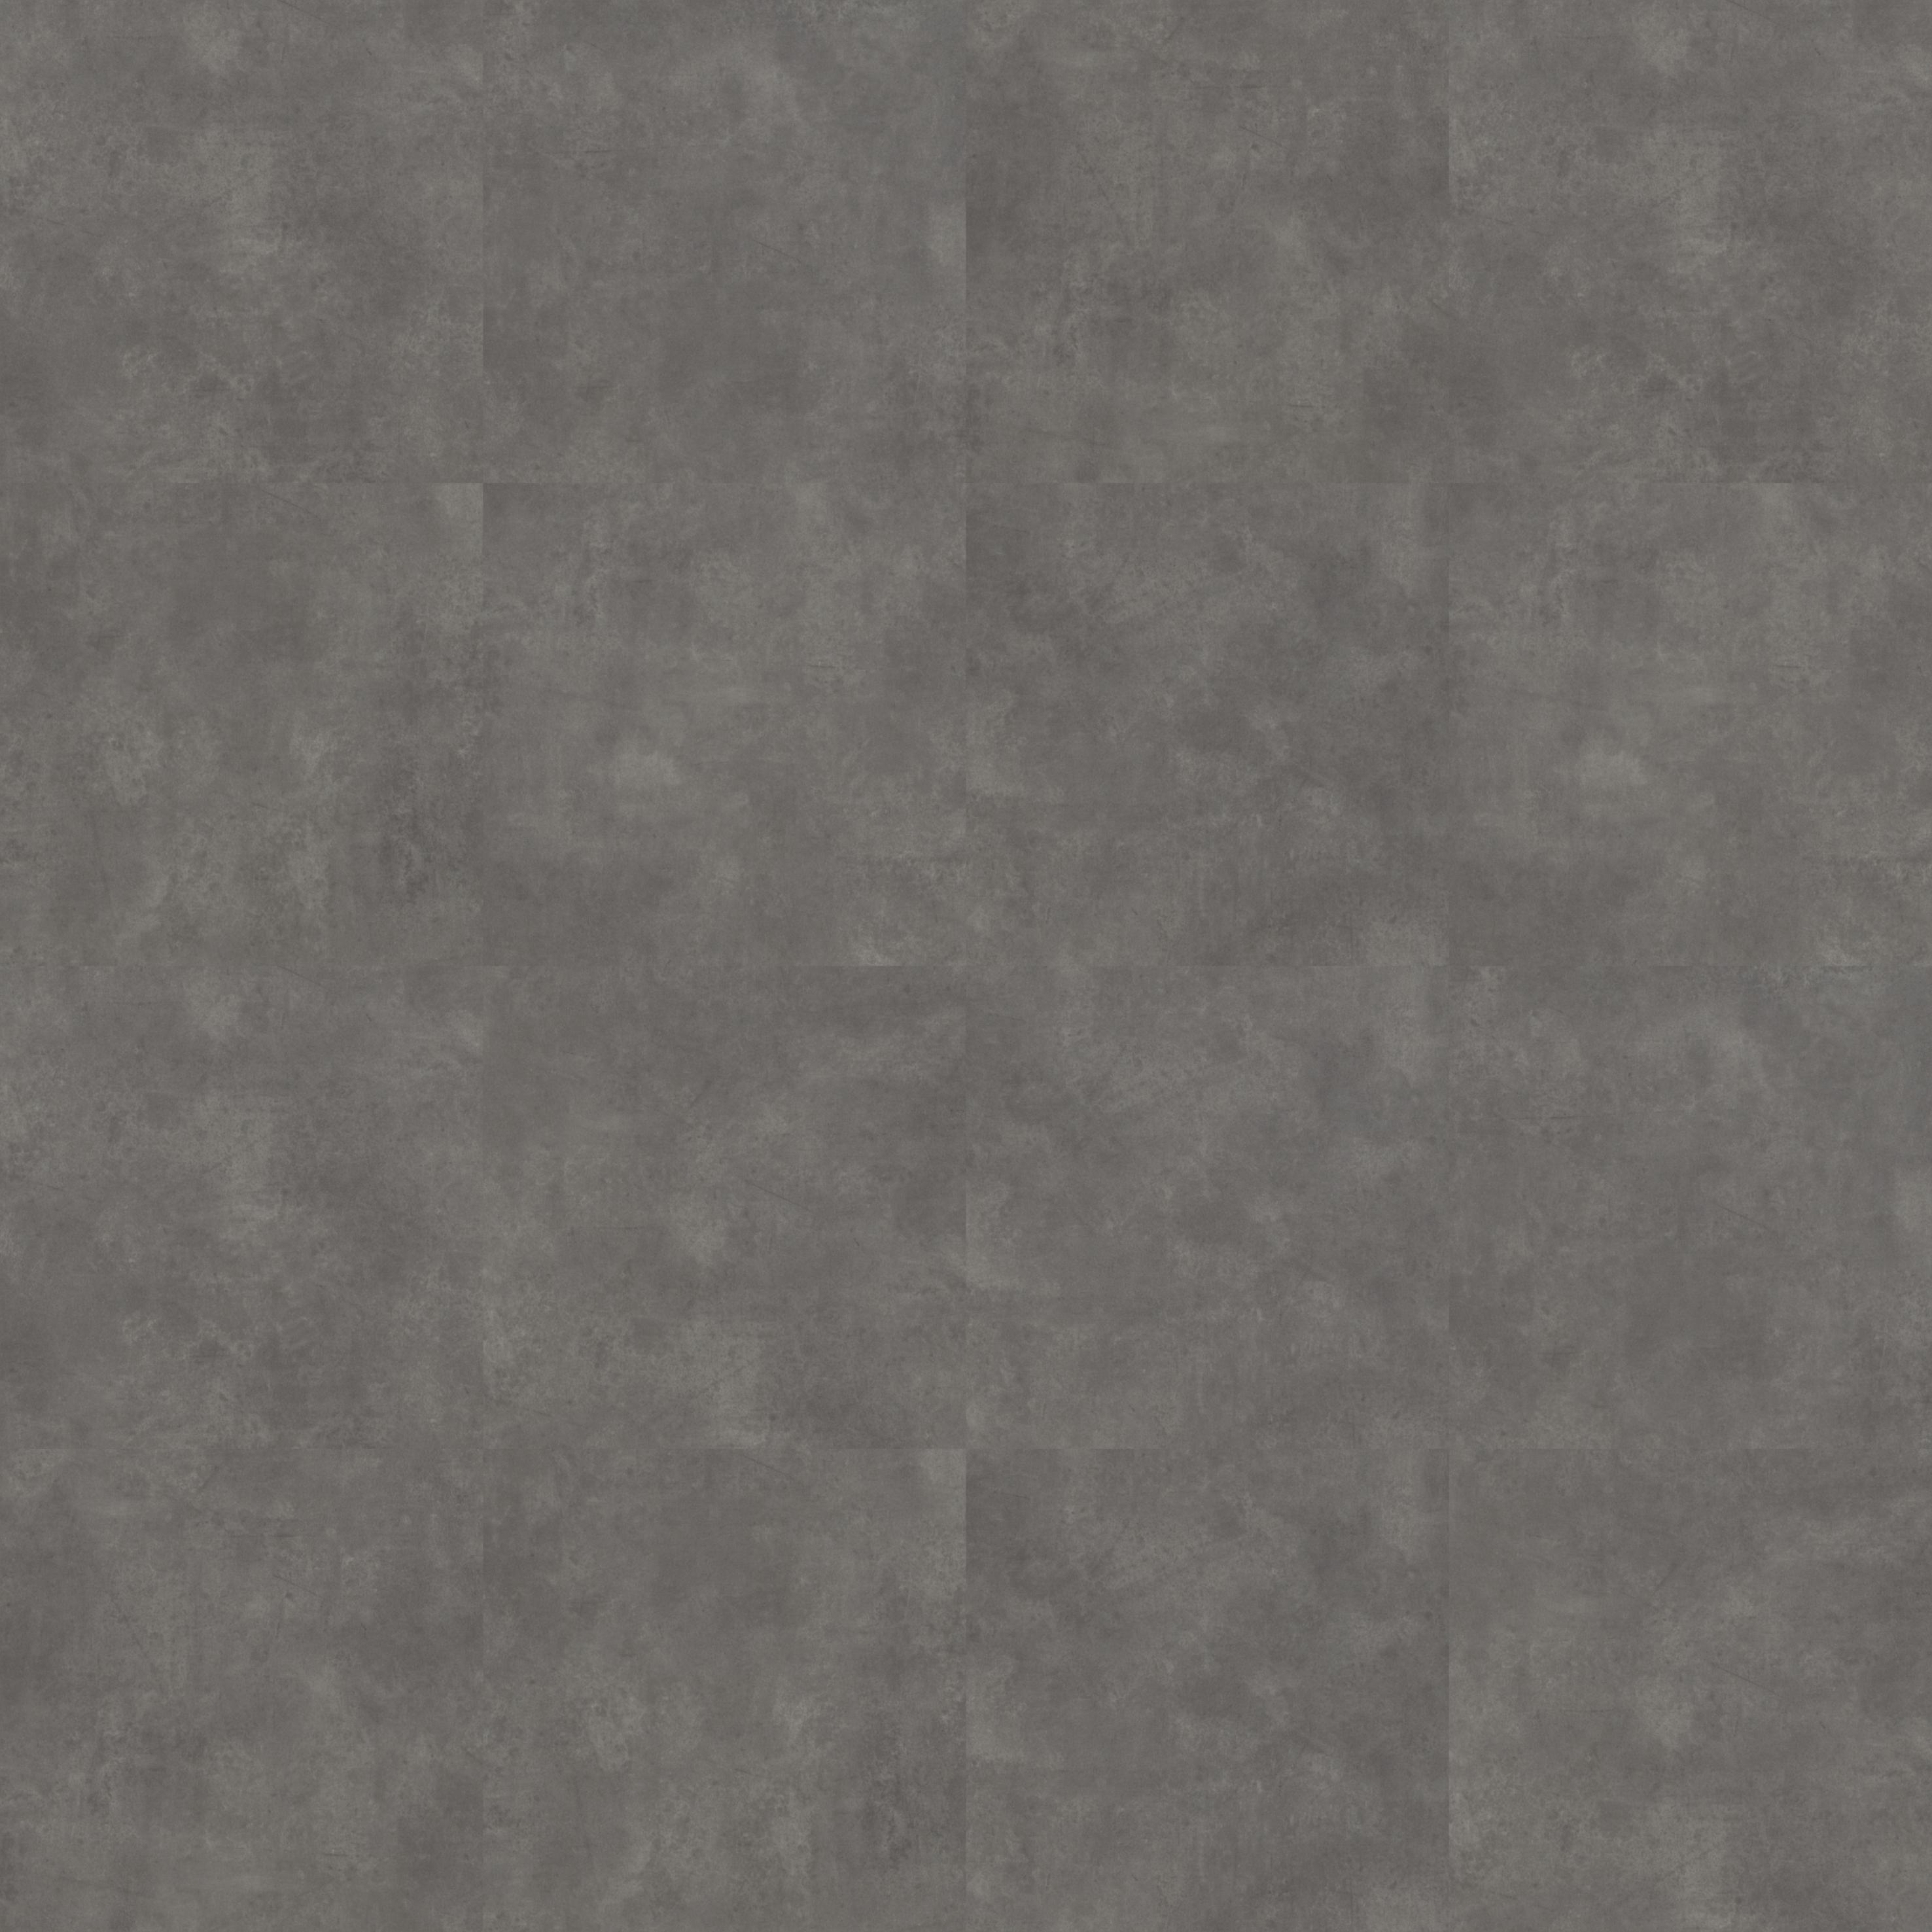 Allura_Stone_-s62522_natural_concrete